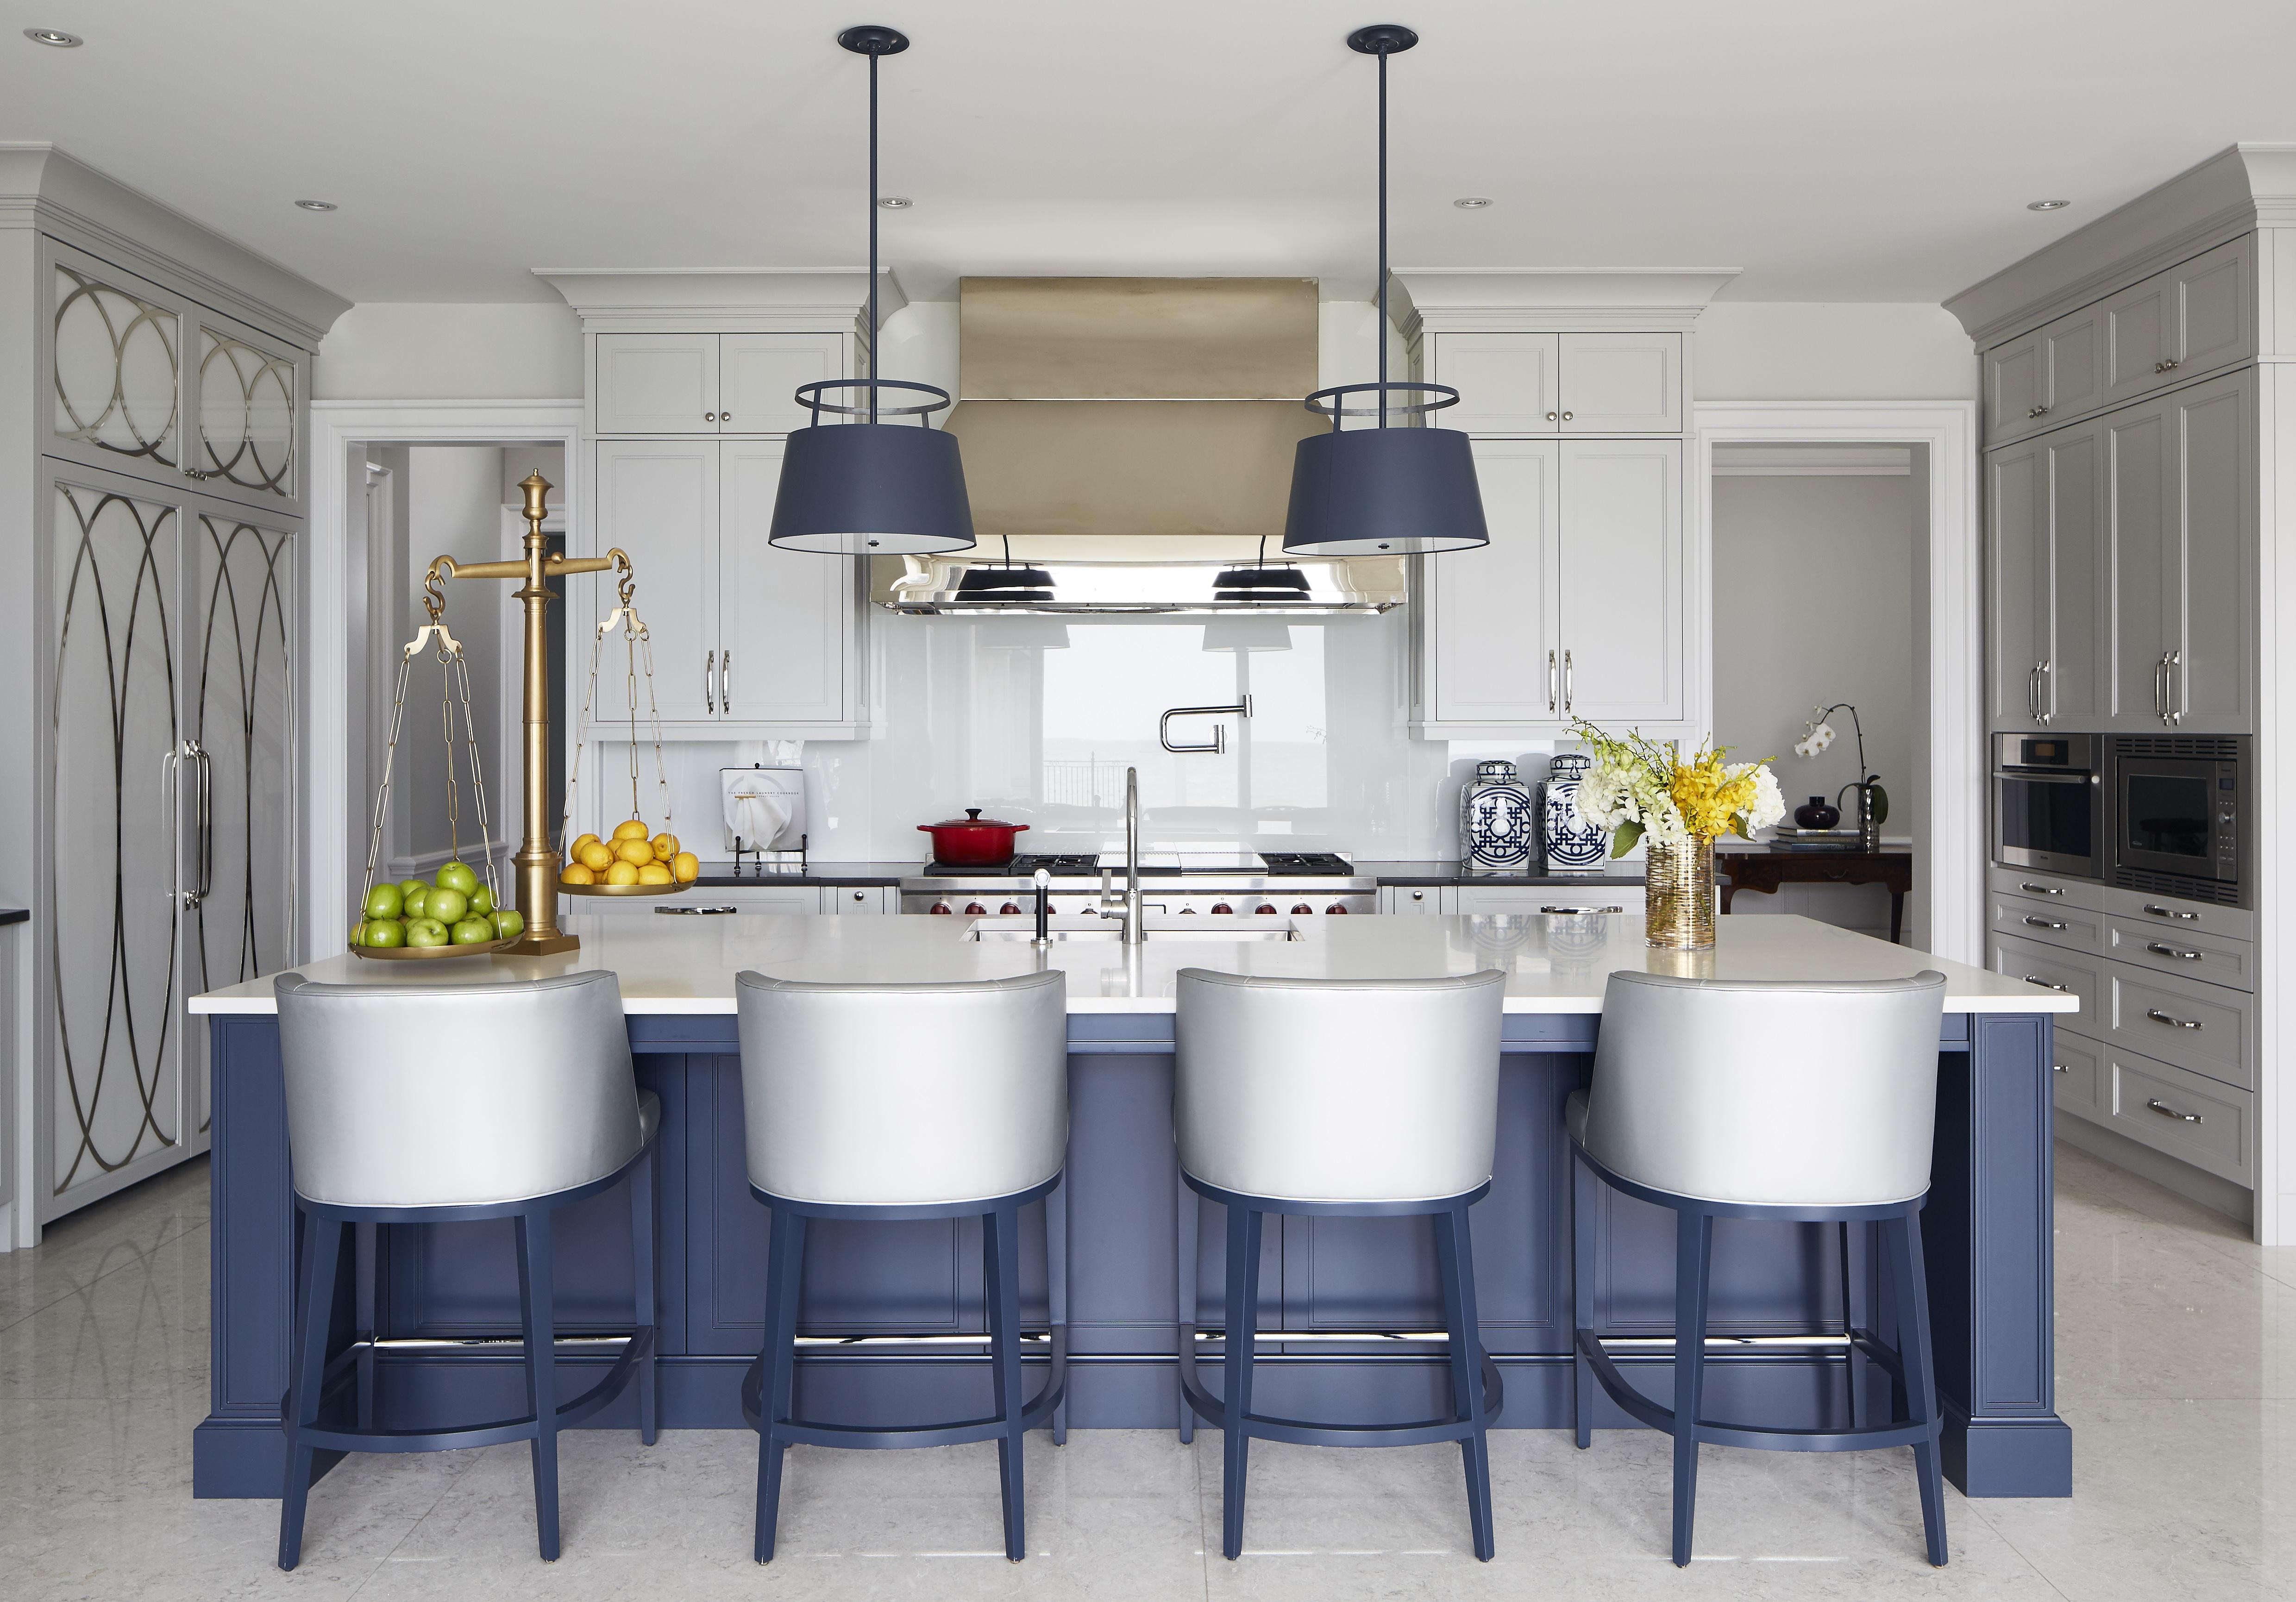 Douglas Design Studio - Kitchen Design